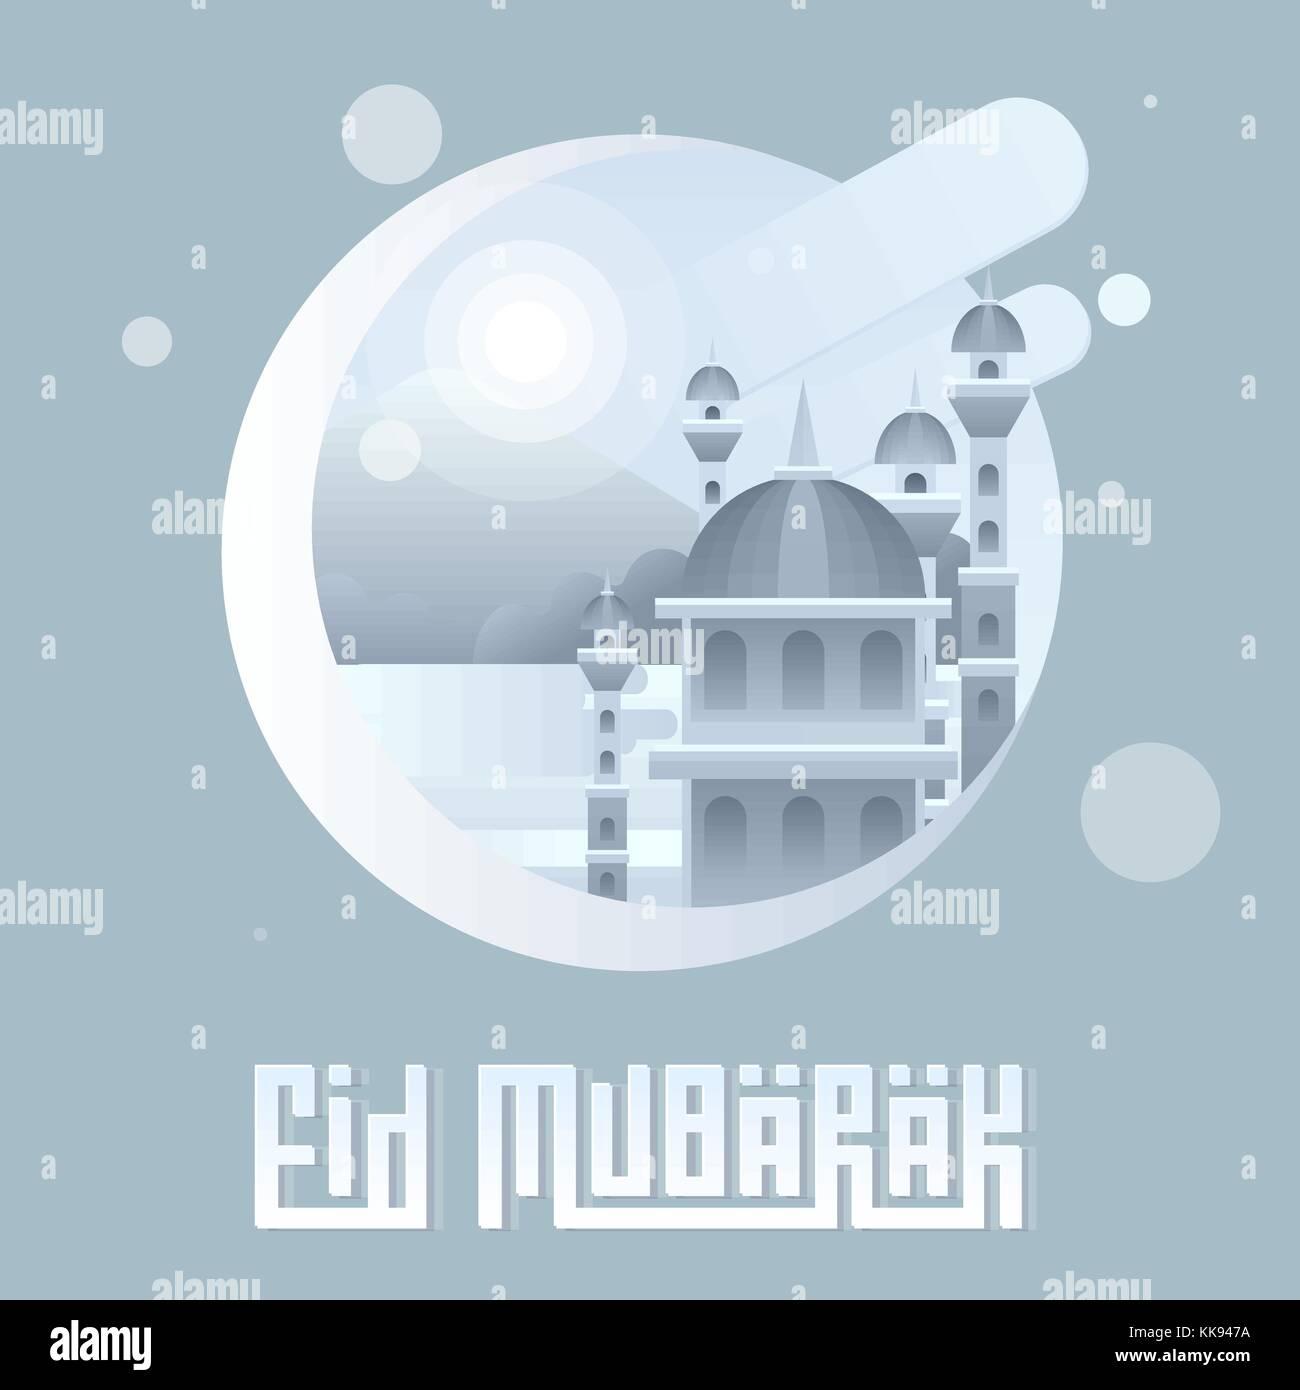 Ramadan Mubarak Greetings Stock Photos Ramadan Mubarak Greetings